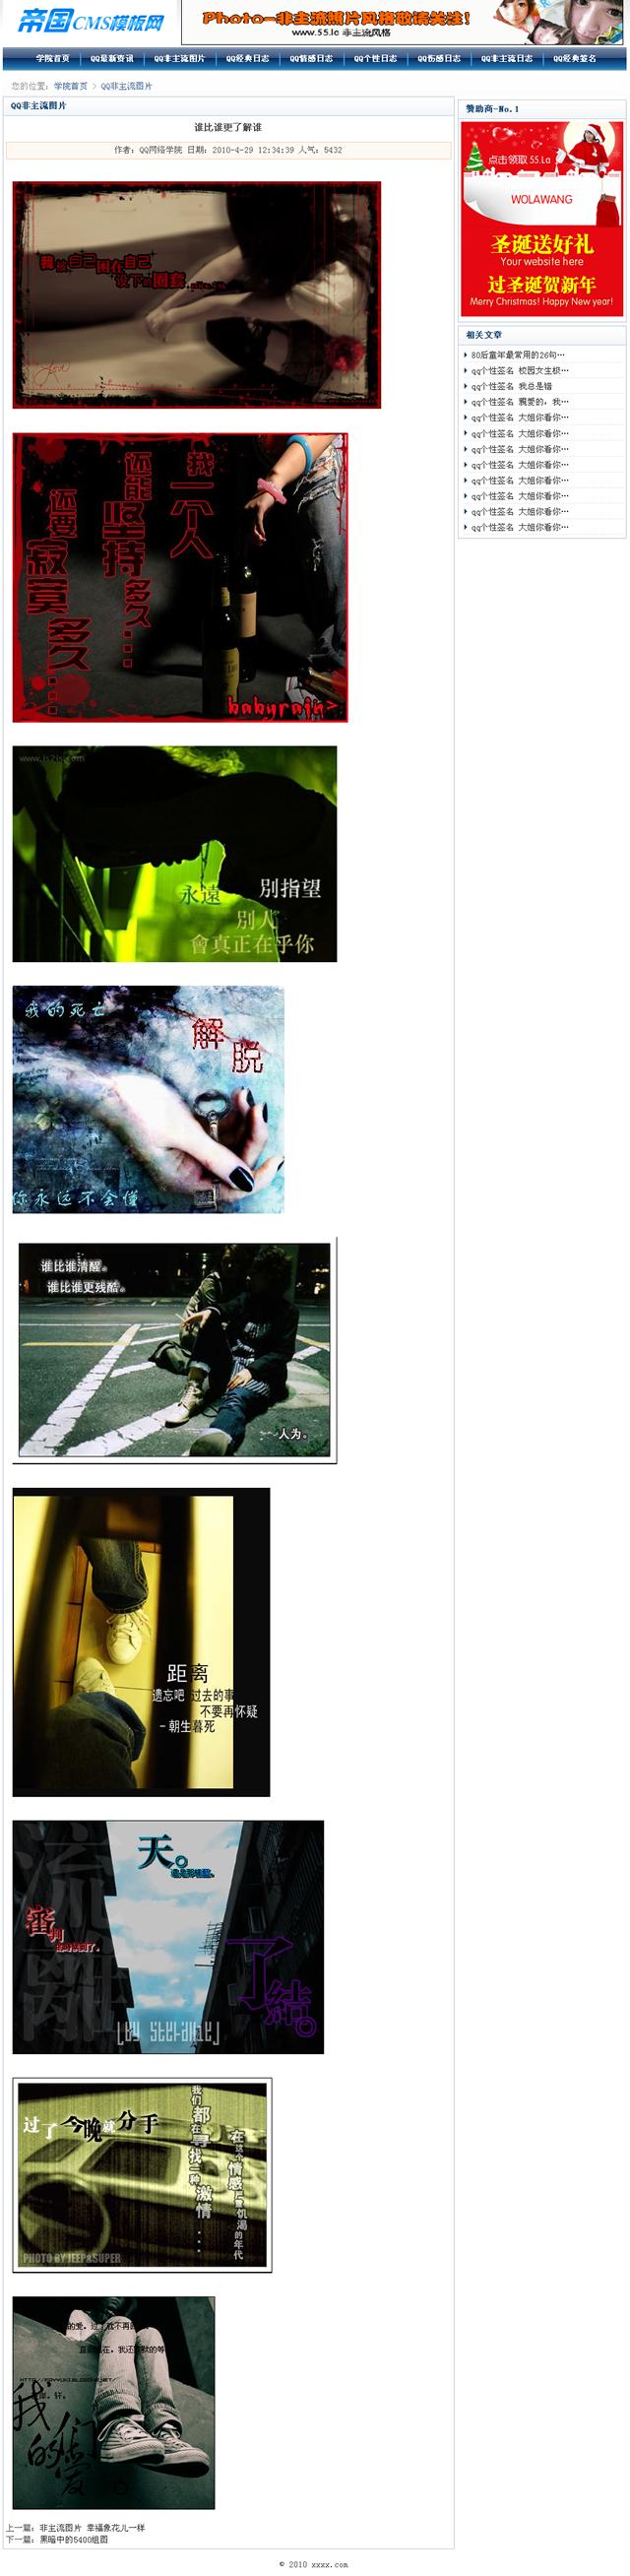 帝国qq类文章新闻资讯cms模板_图片内容